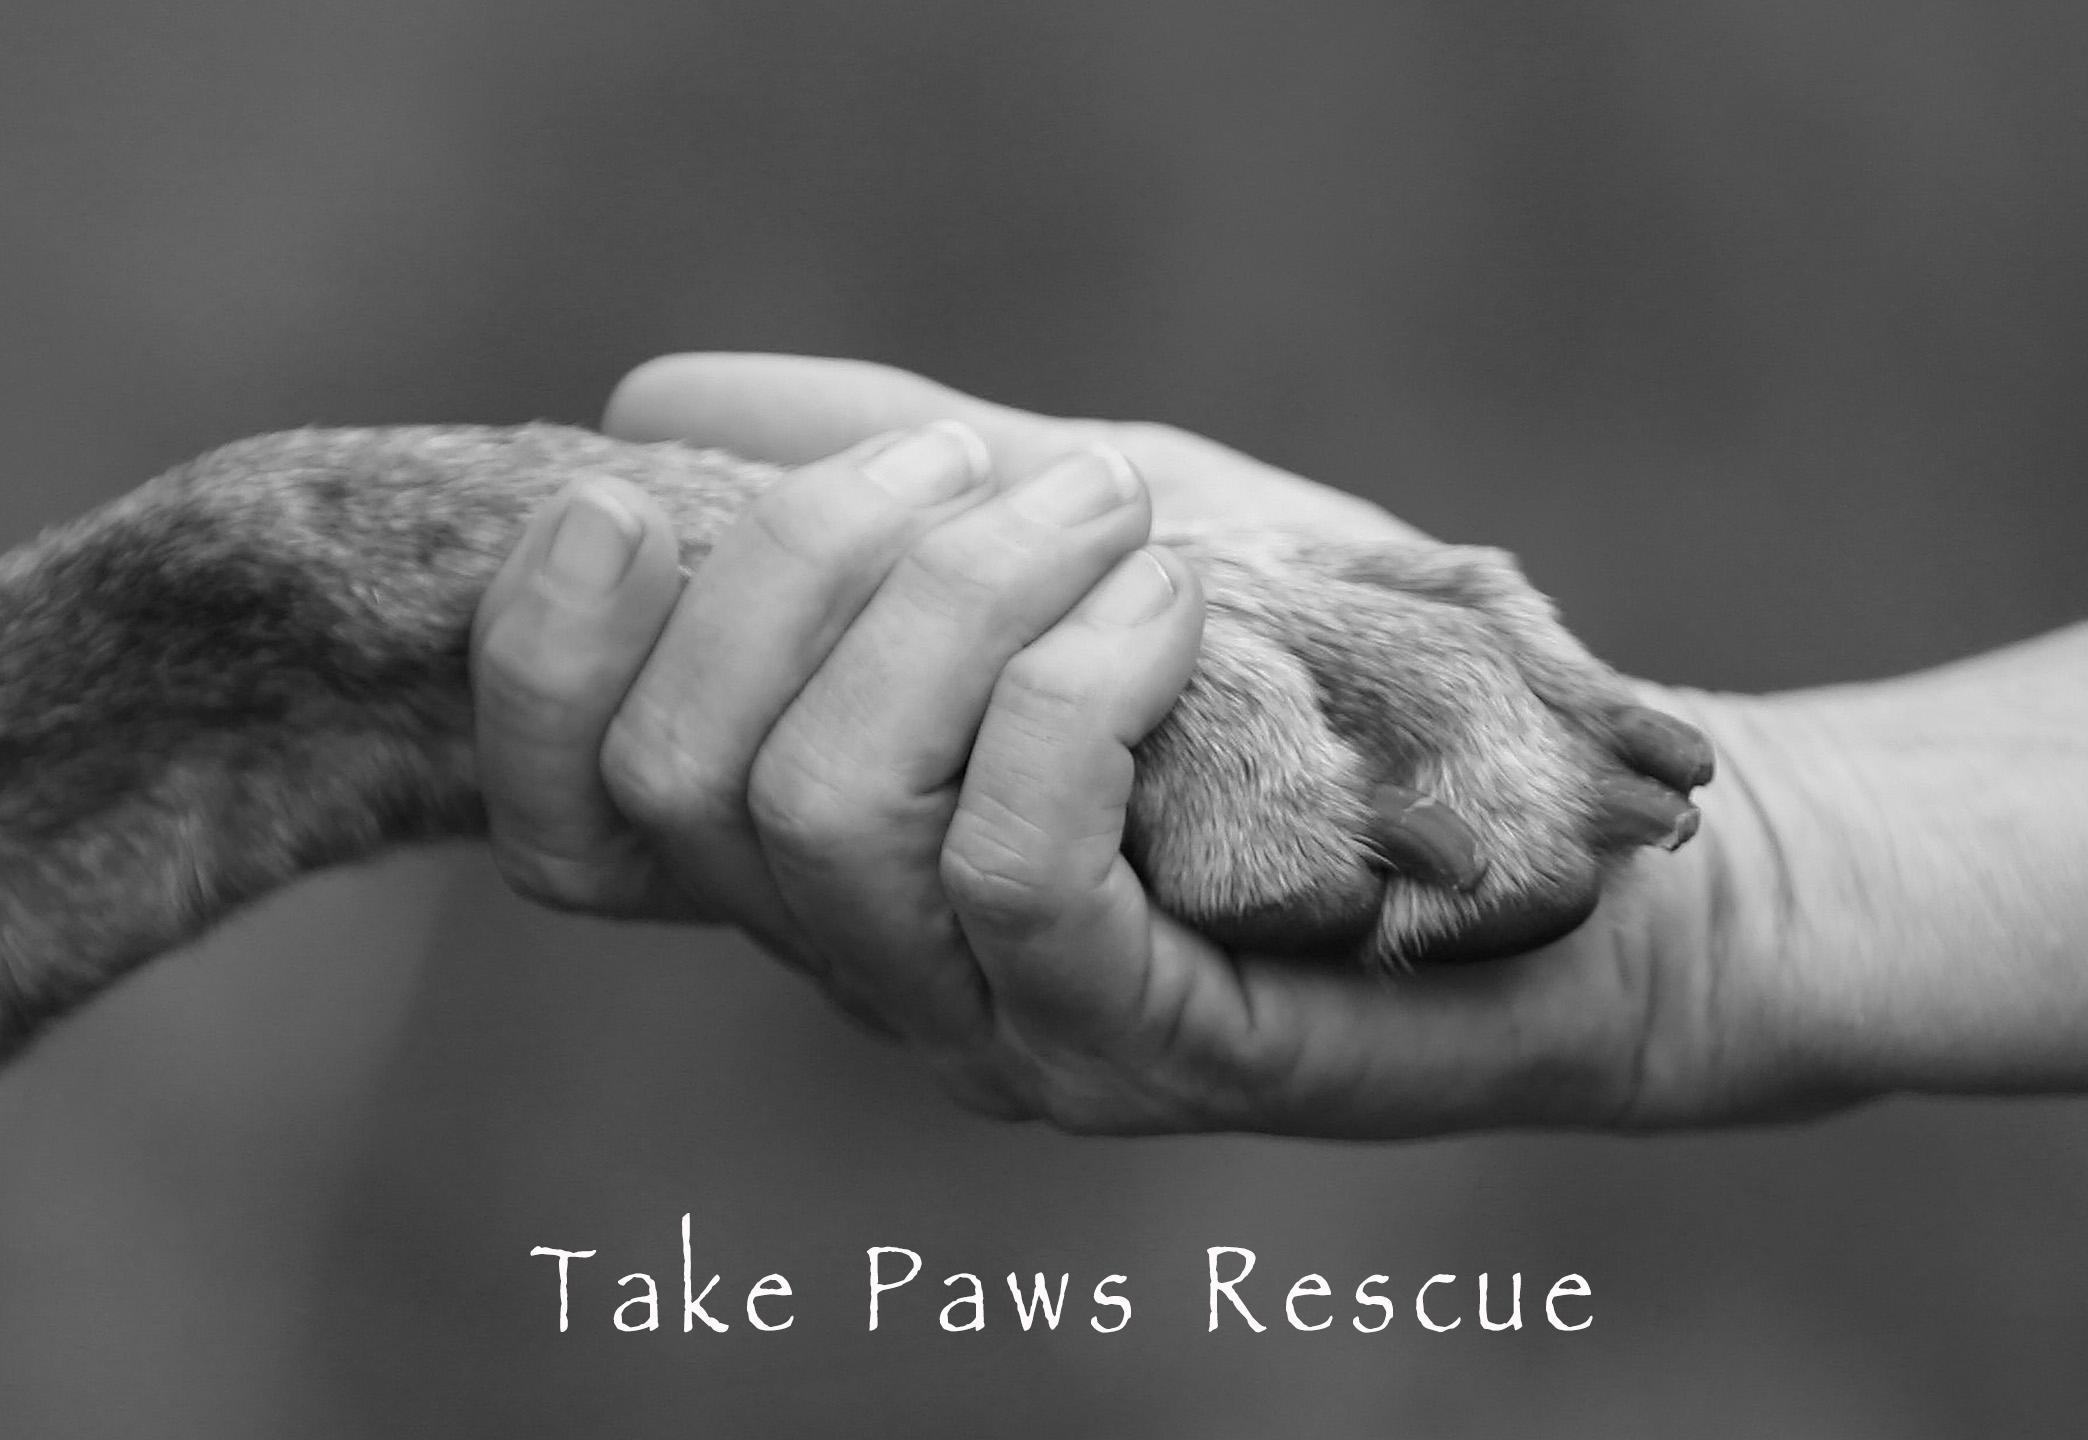 Take Paws Rescue